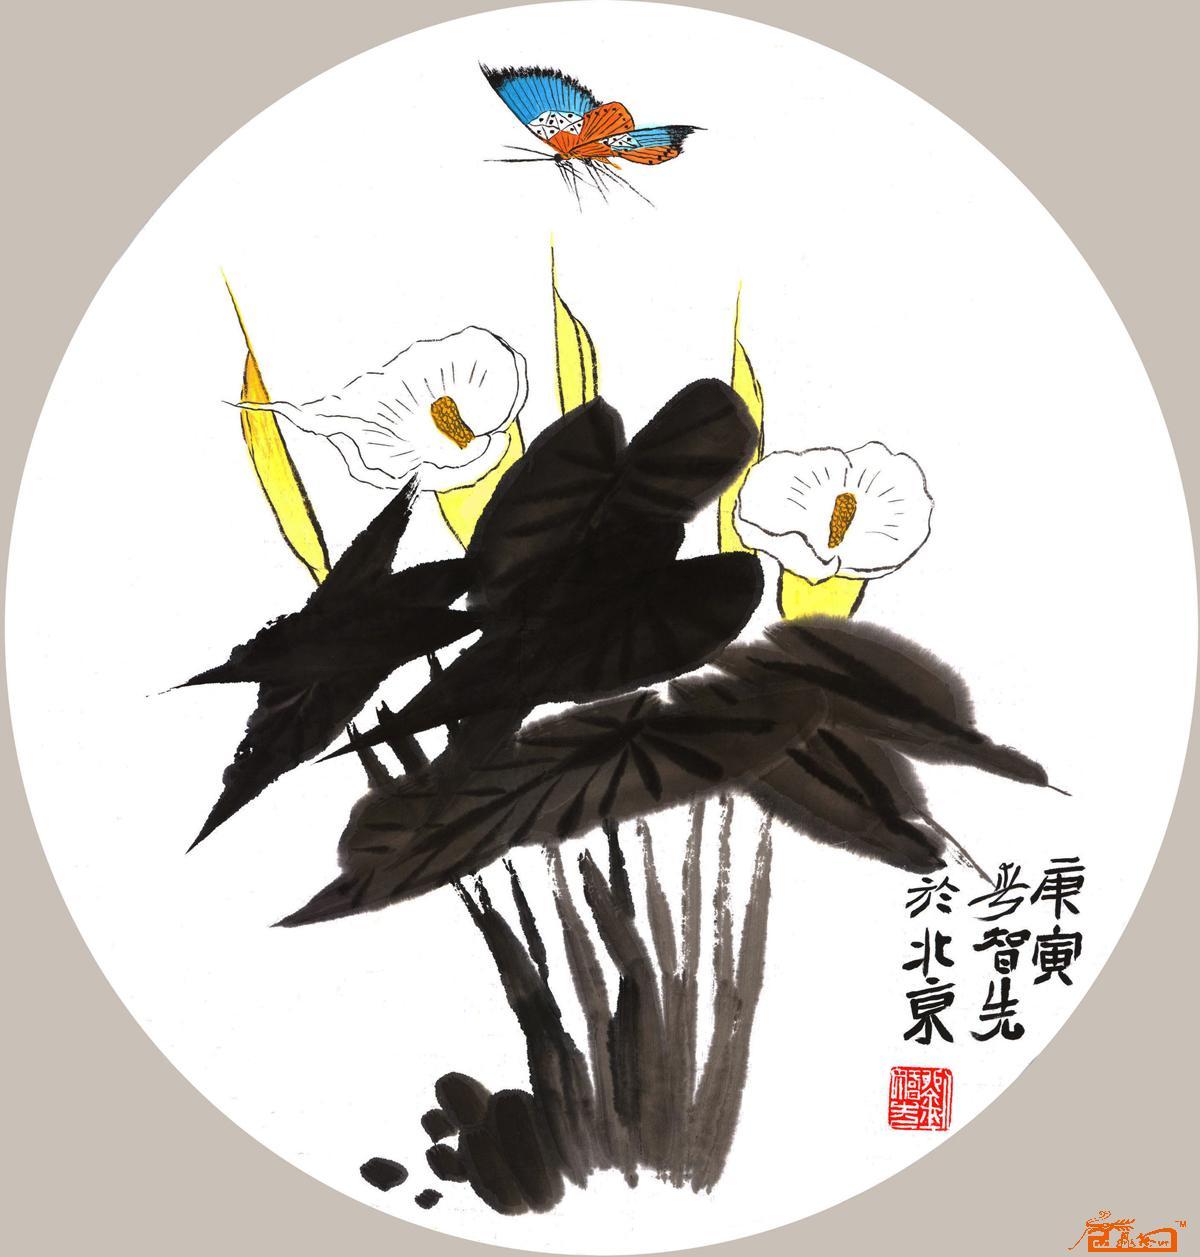 作品刘智先弹力-中国画马蹄莲粉丝当前位名家喜爱本幅团扇稿《课说》书画图片